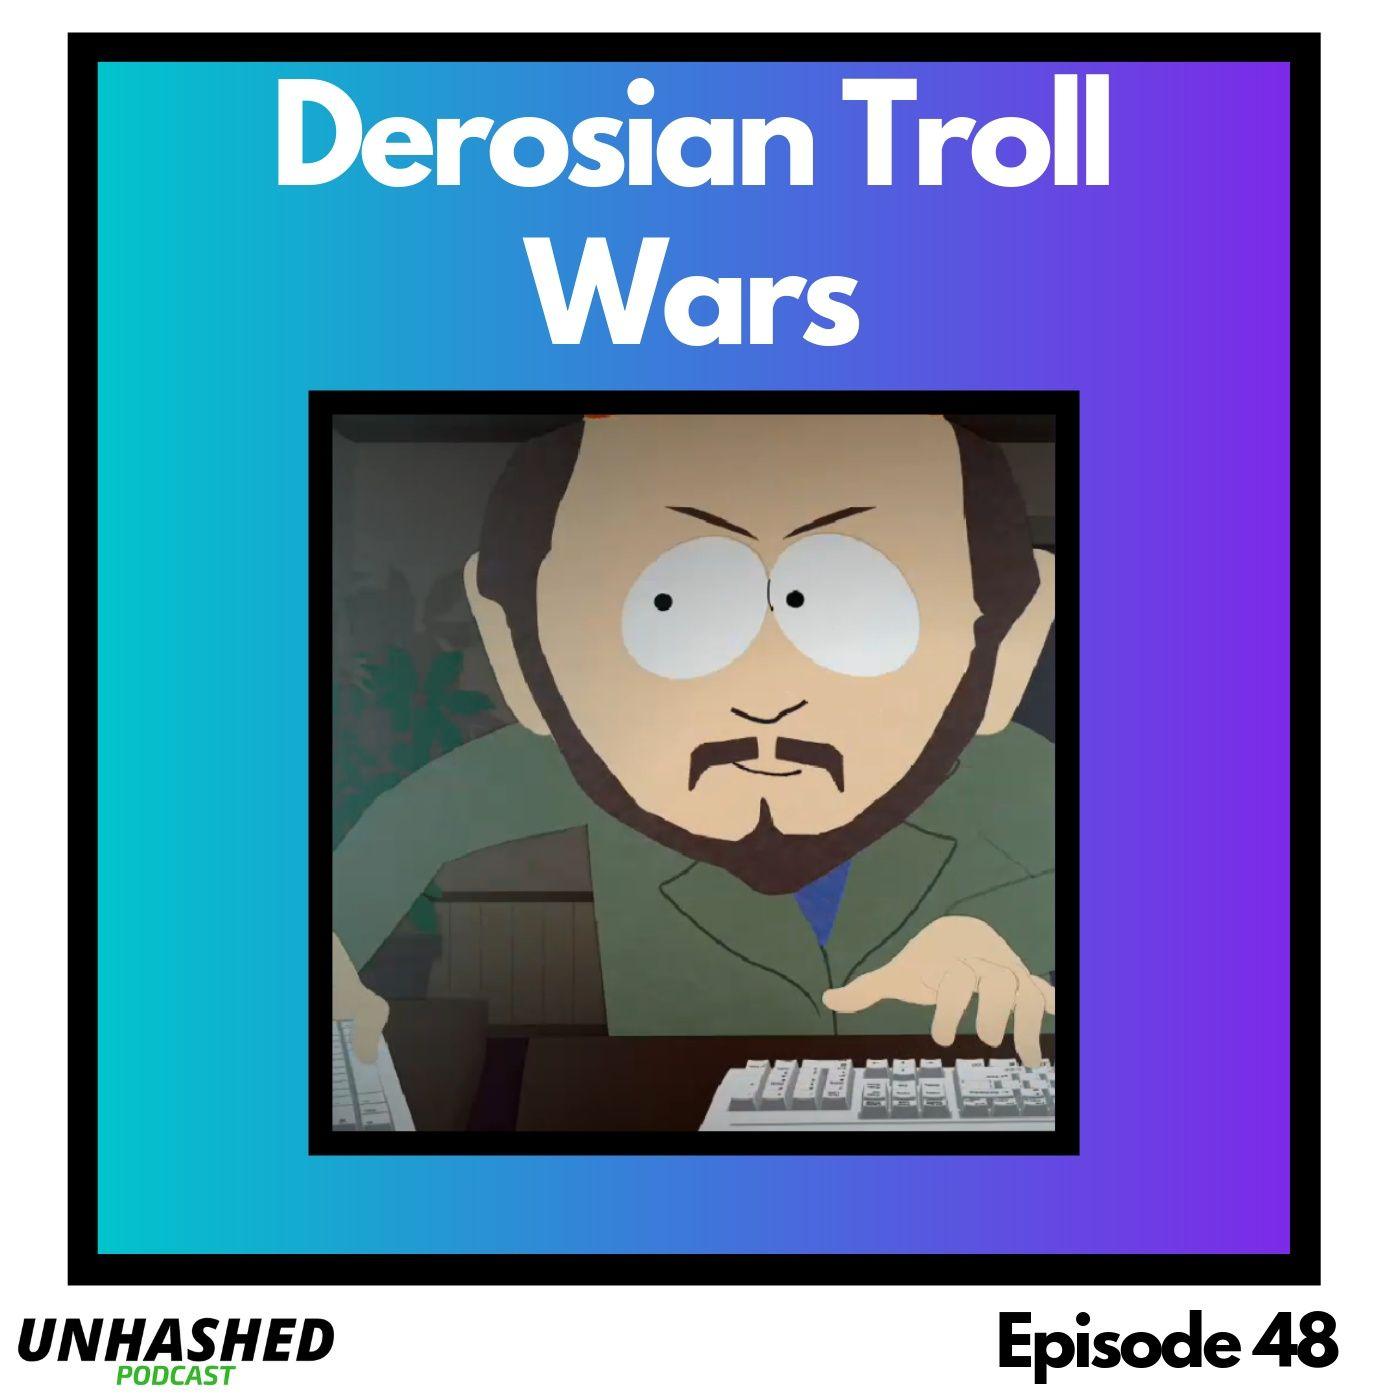 Derosian Troll Wars